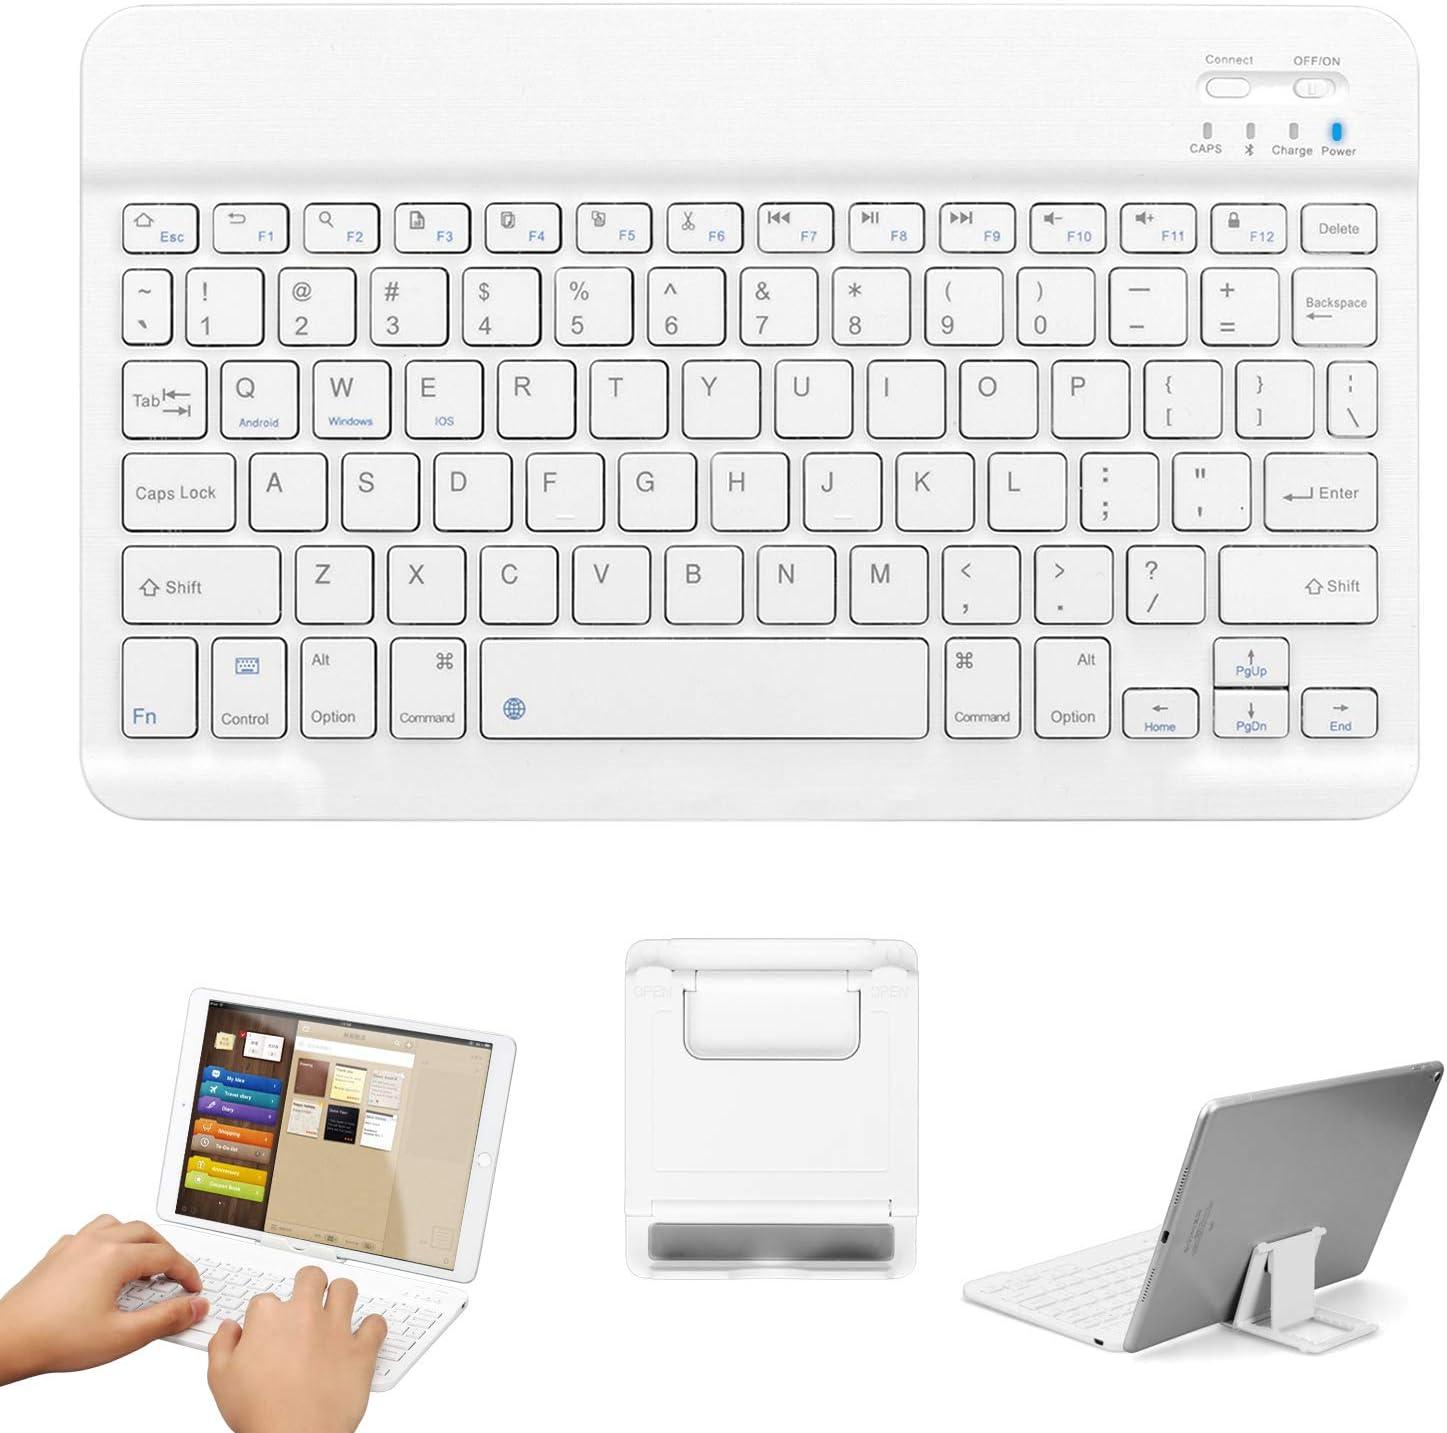 Teclado inalámbrico Bluetooth, GOOJODOQ Teclado Bluetooth 3.0 de 10 pulgadas con soporte aplicado a tabletas y teléfonos inteligentes IOS / Android / Windows (blanco)